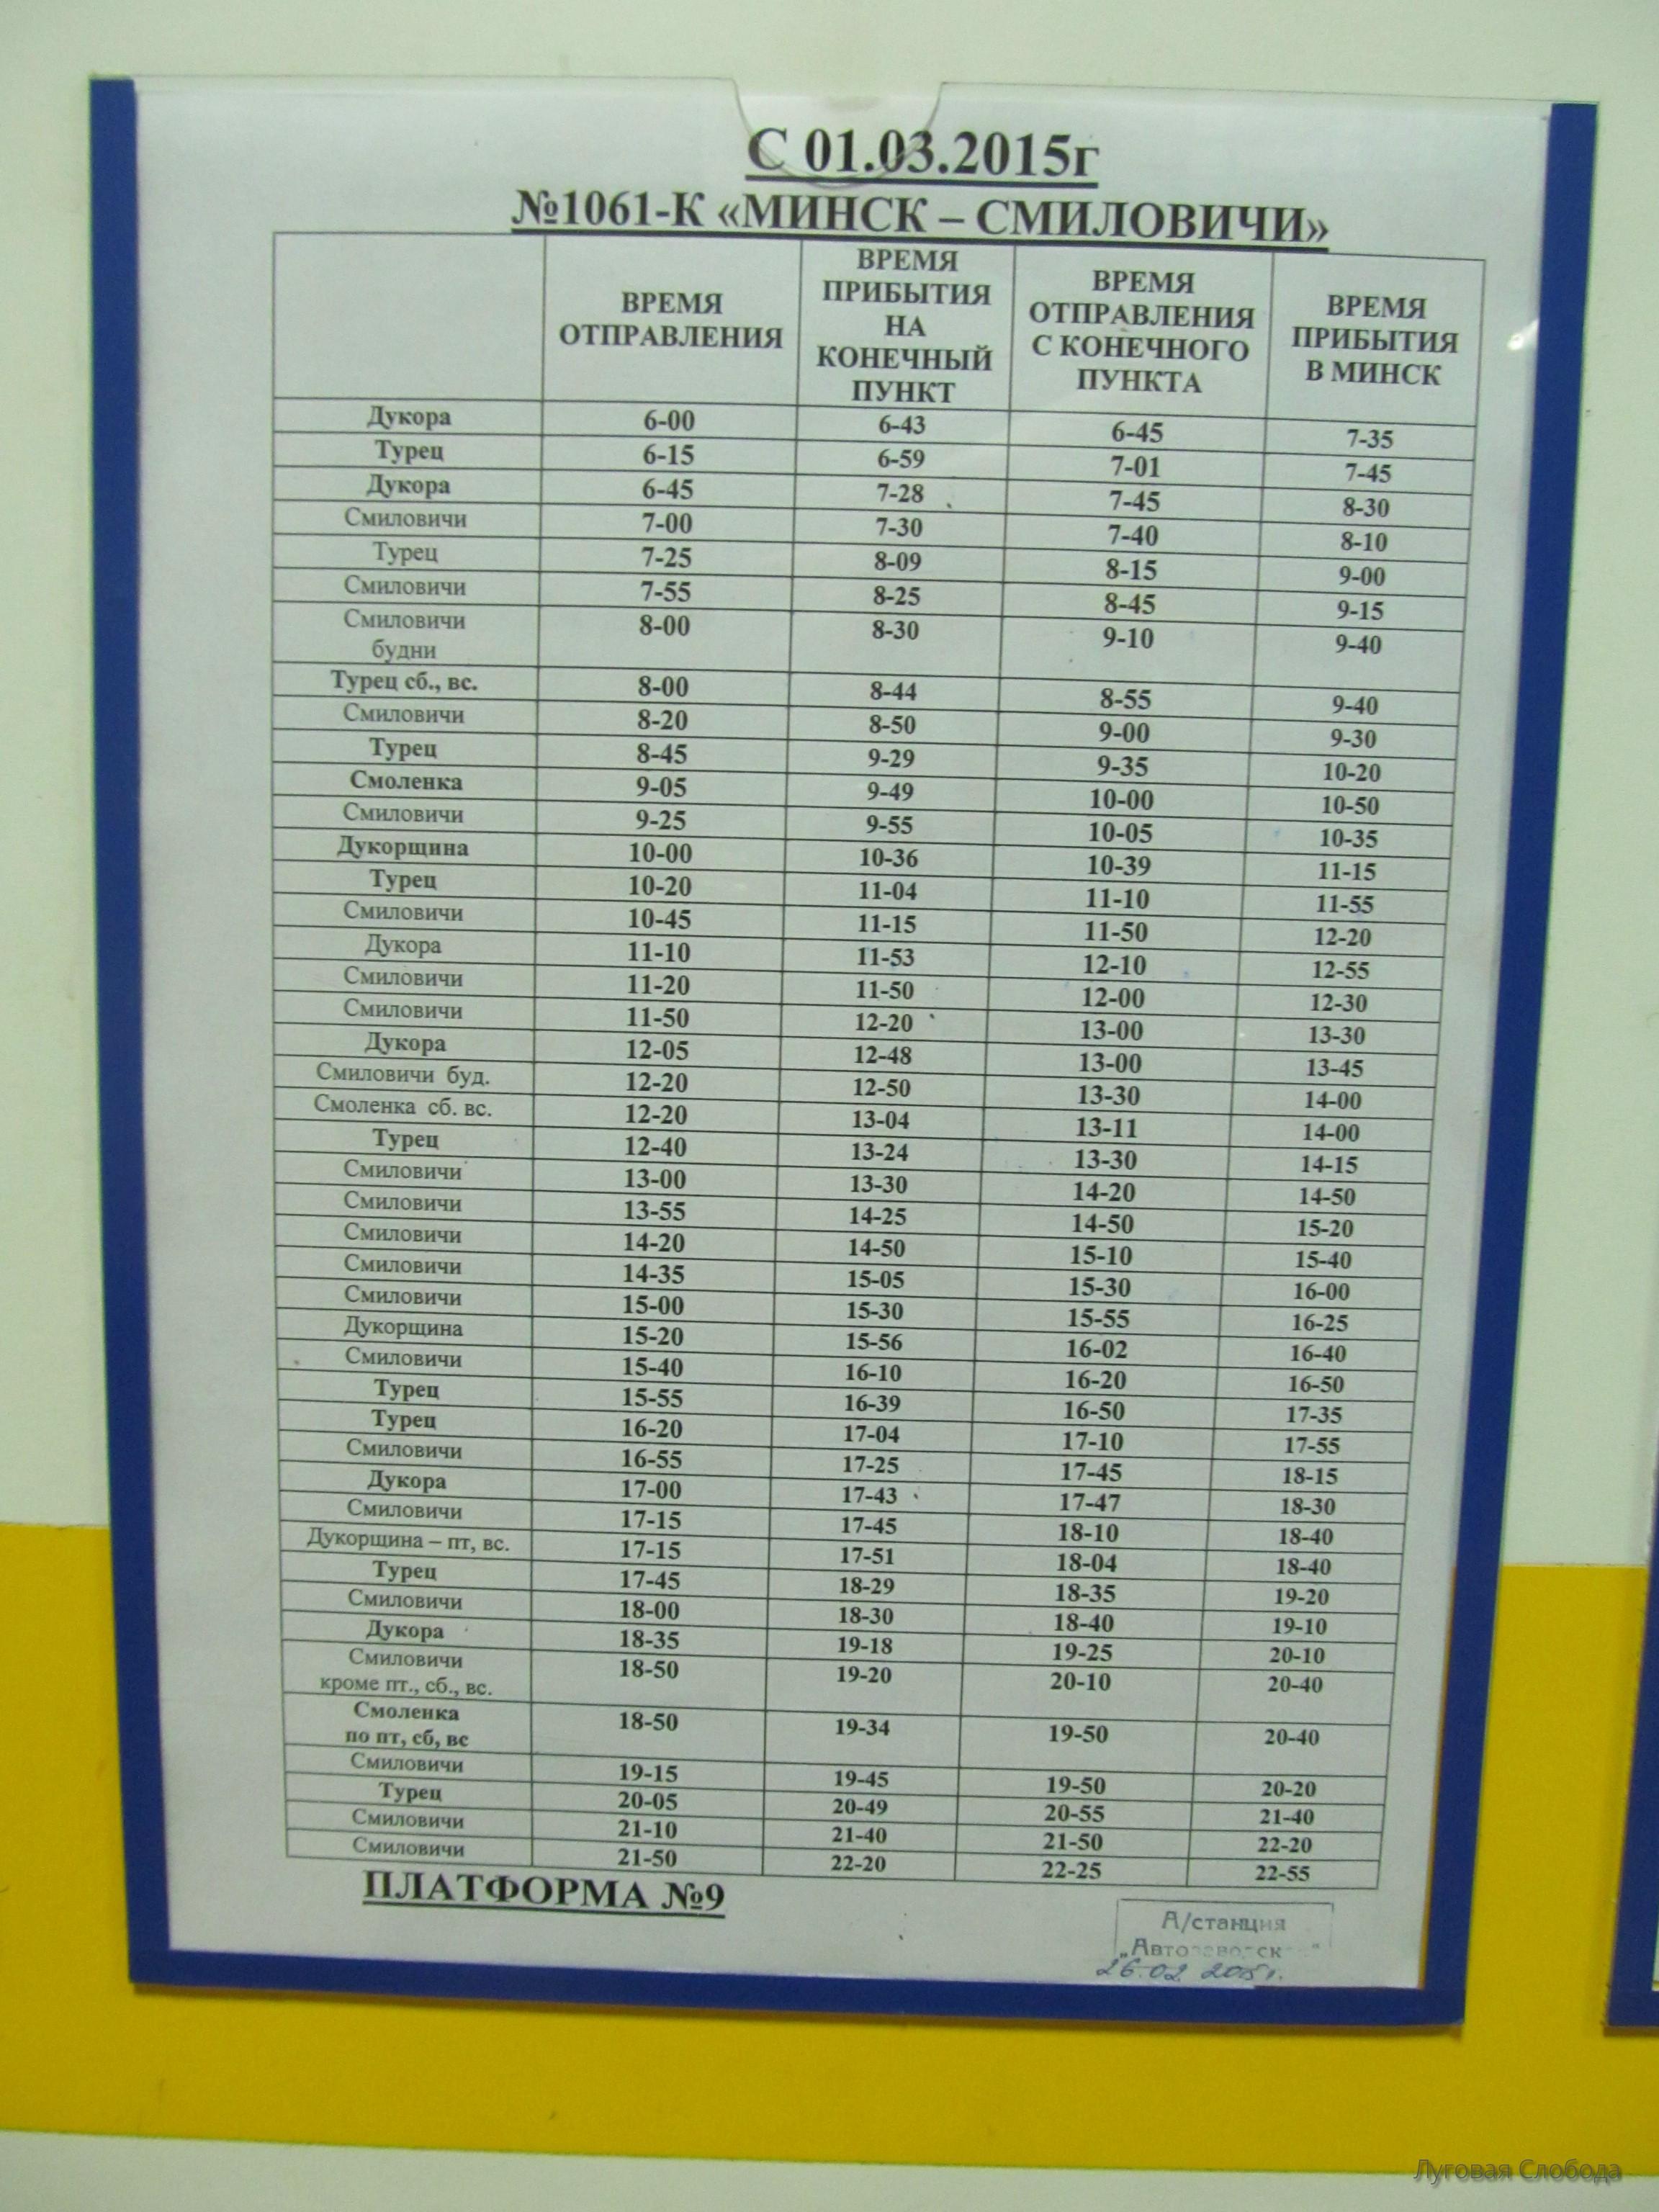 расписание маршруток драчково-минск